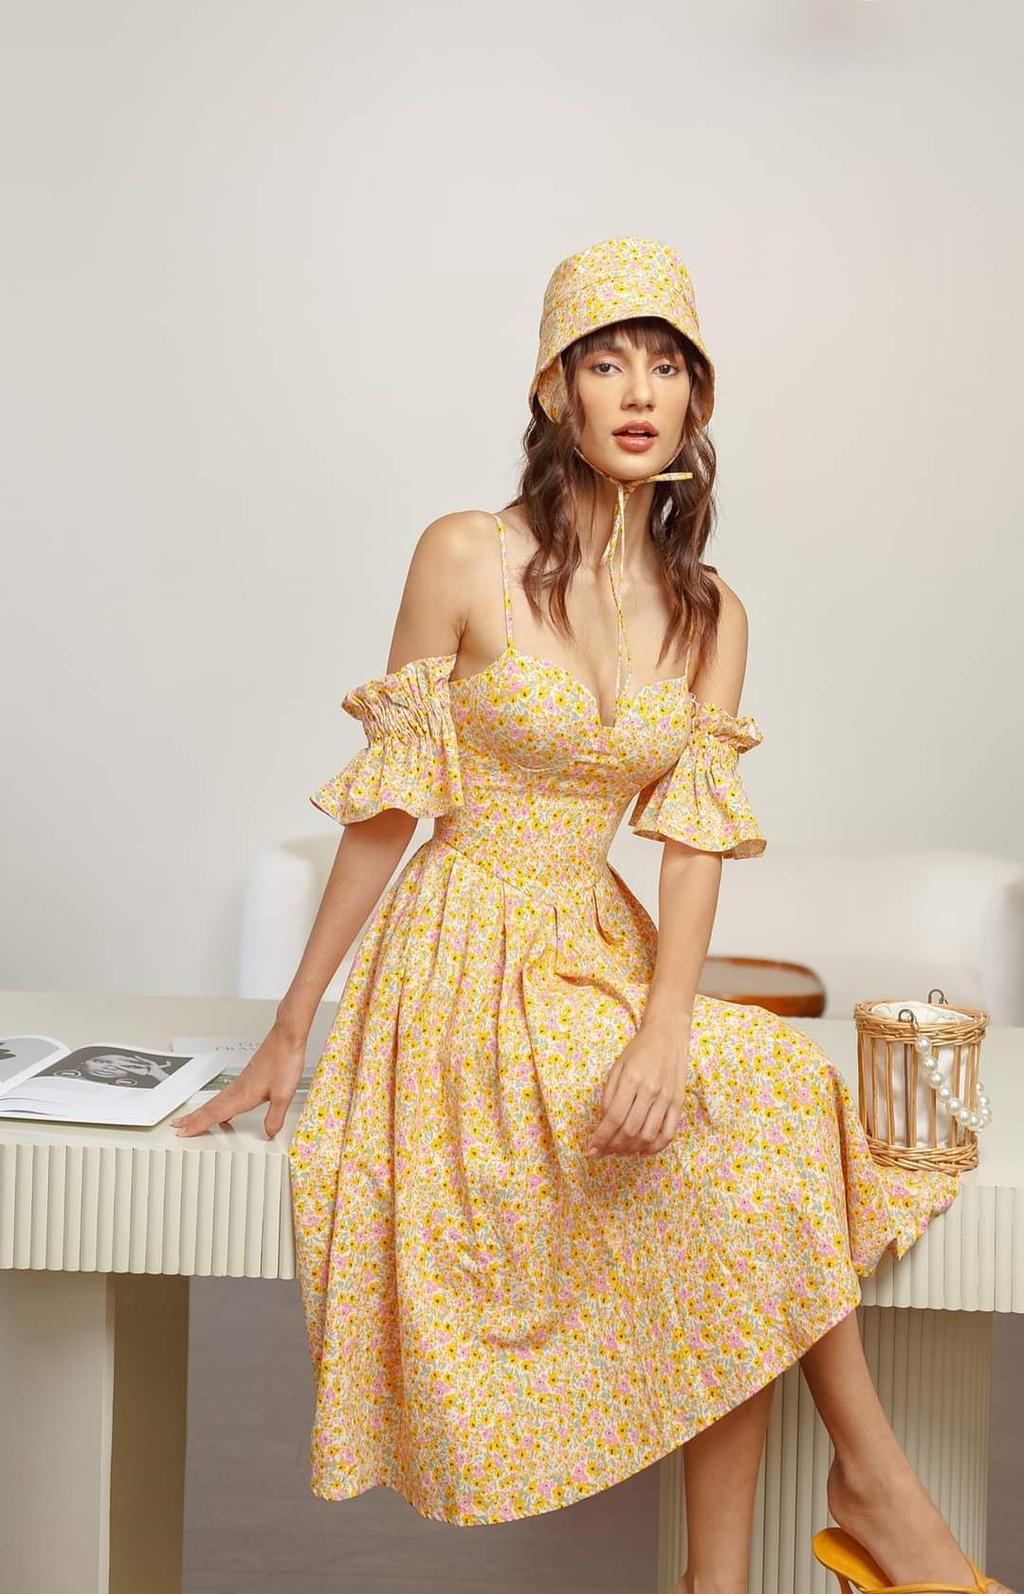 Vintage là xu hướng thời trang bền bỉ có sức quyến rũ trường tồn với phái  đẹp | Thời trang 24/7 | Thời trang trẻ | Thanh Niên